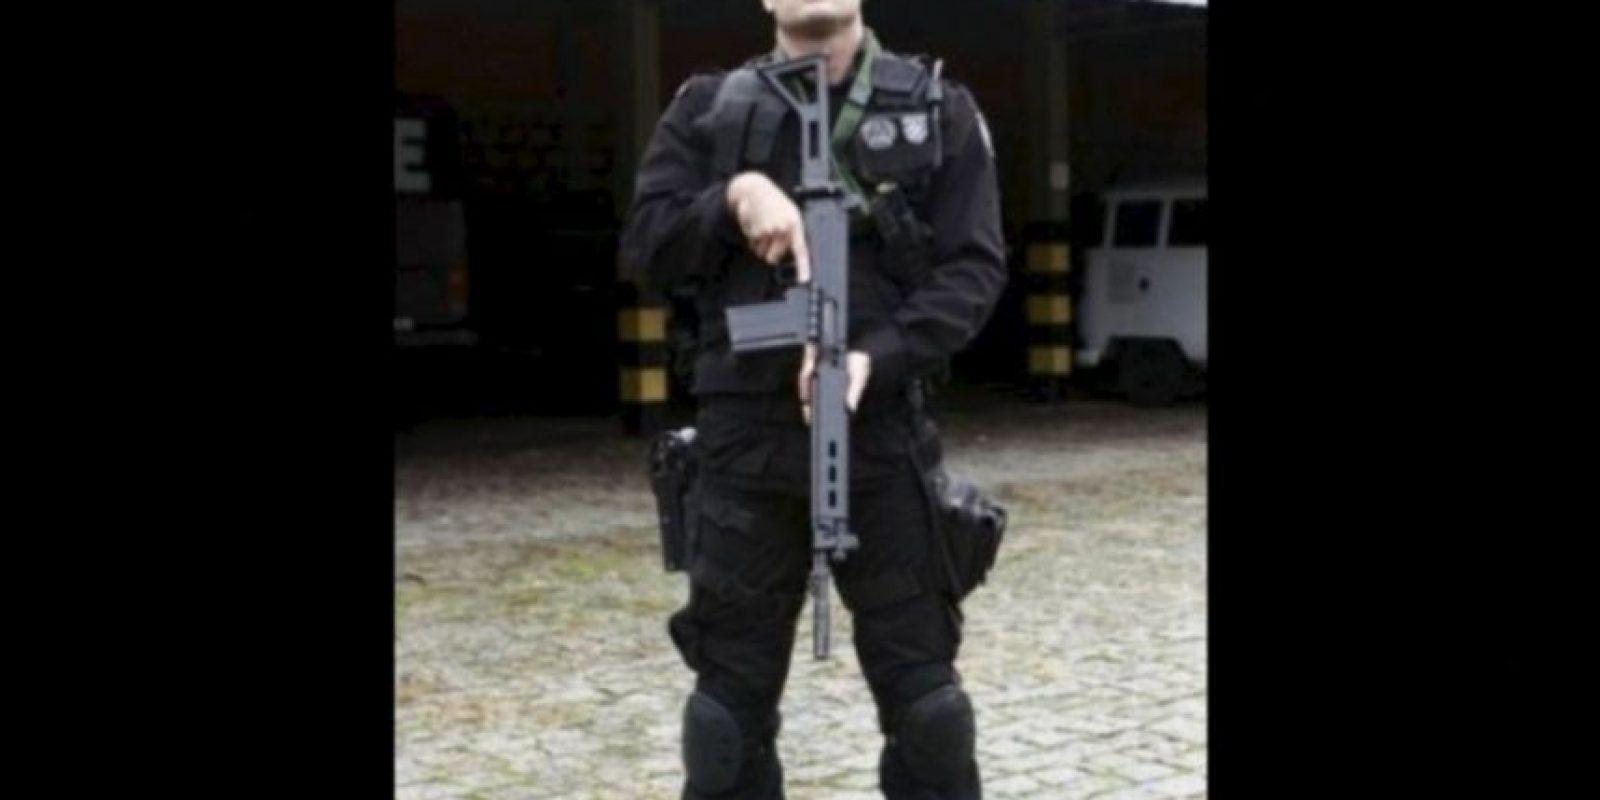 Es un apuesto teniente del Batallón de Operaciones Especiales en Brasil. Foto: Instagram/LuciusCarvalho